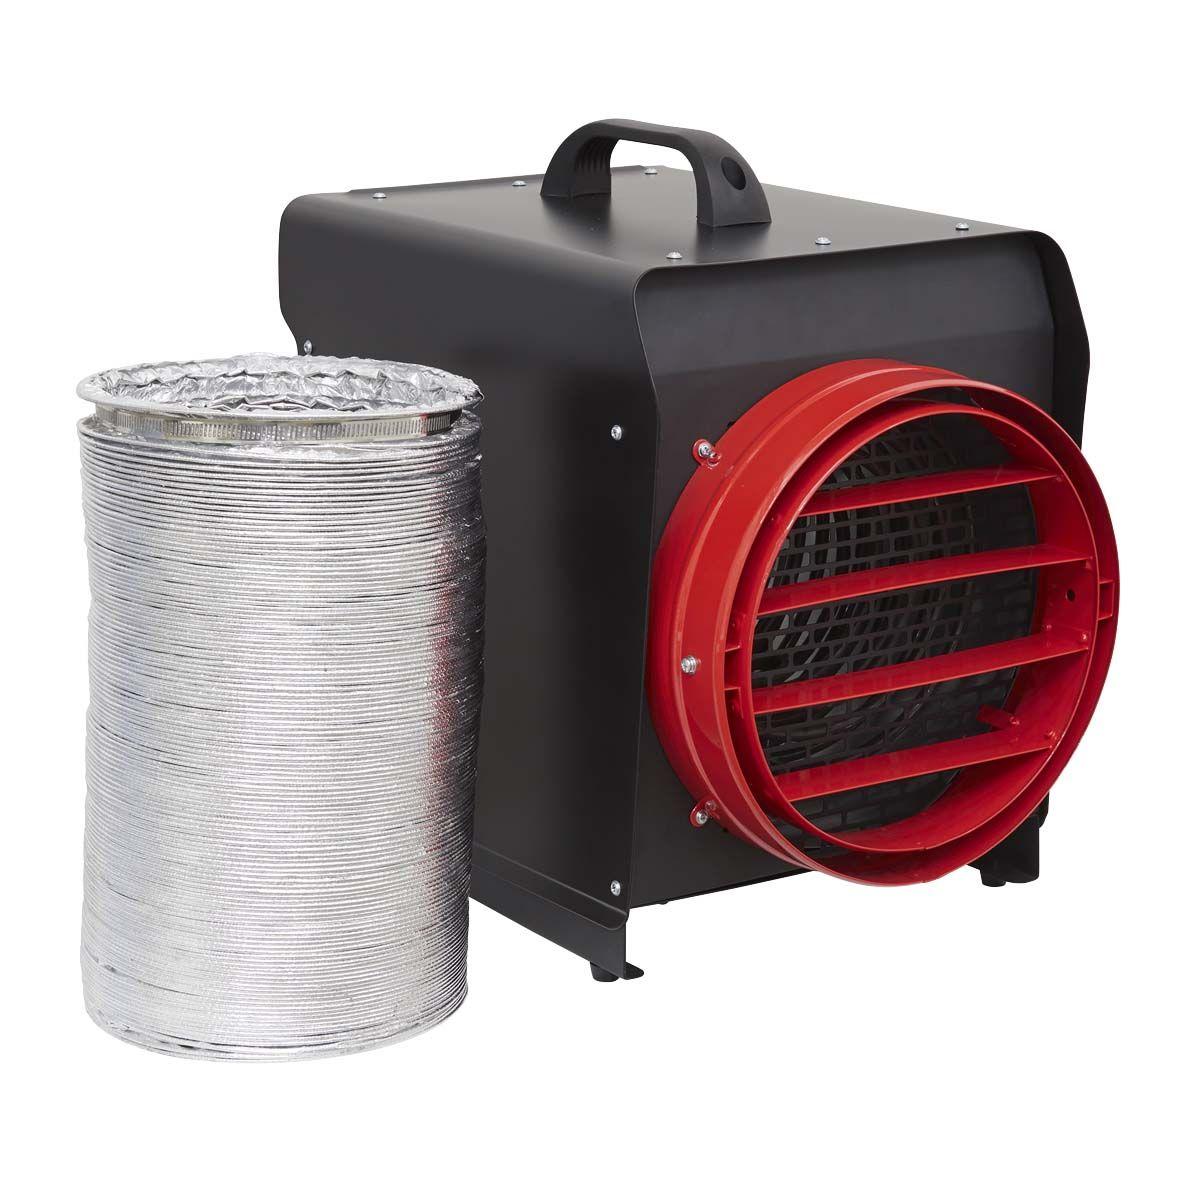 Sealey DEH10001 Industrial 10kW Fan Heater 415v 3 Phase